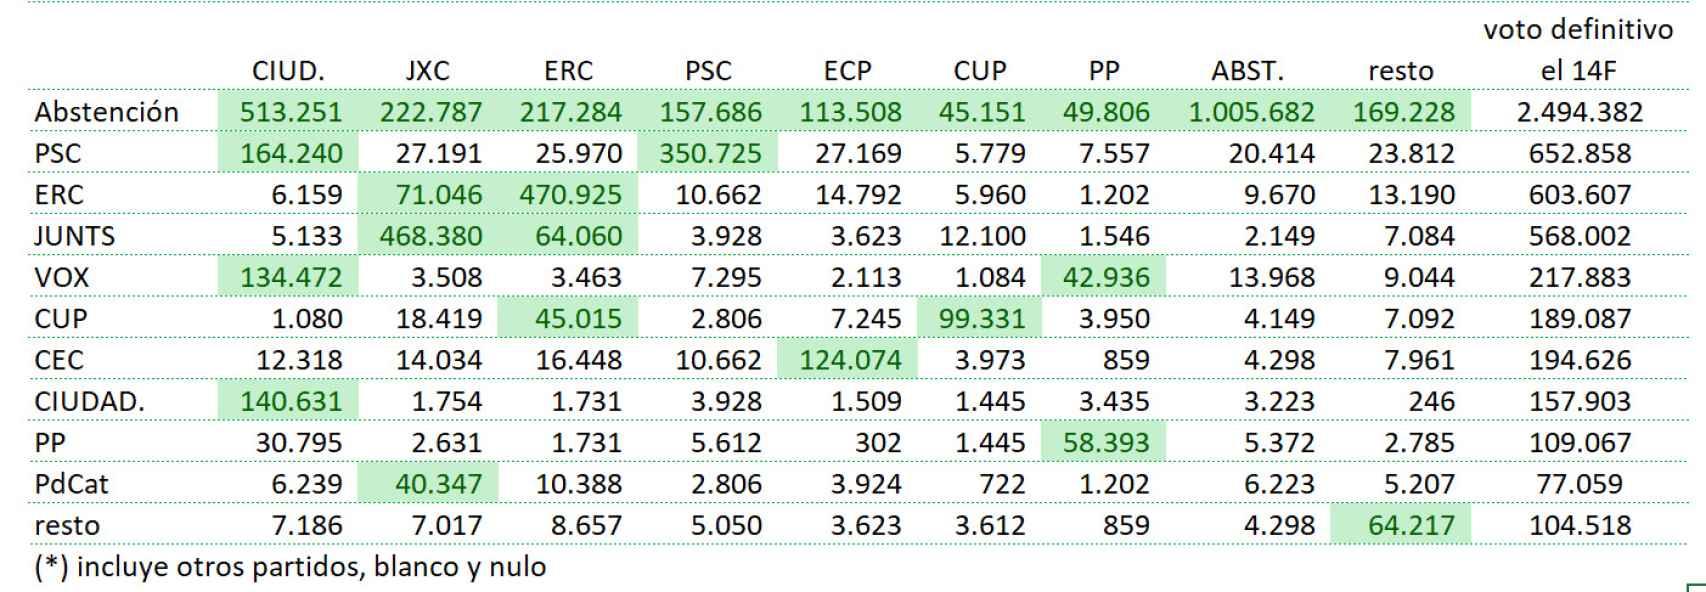 Matriz de transferencia en número de votos.